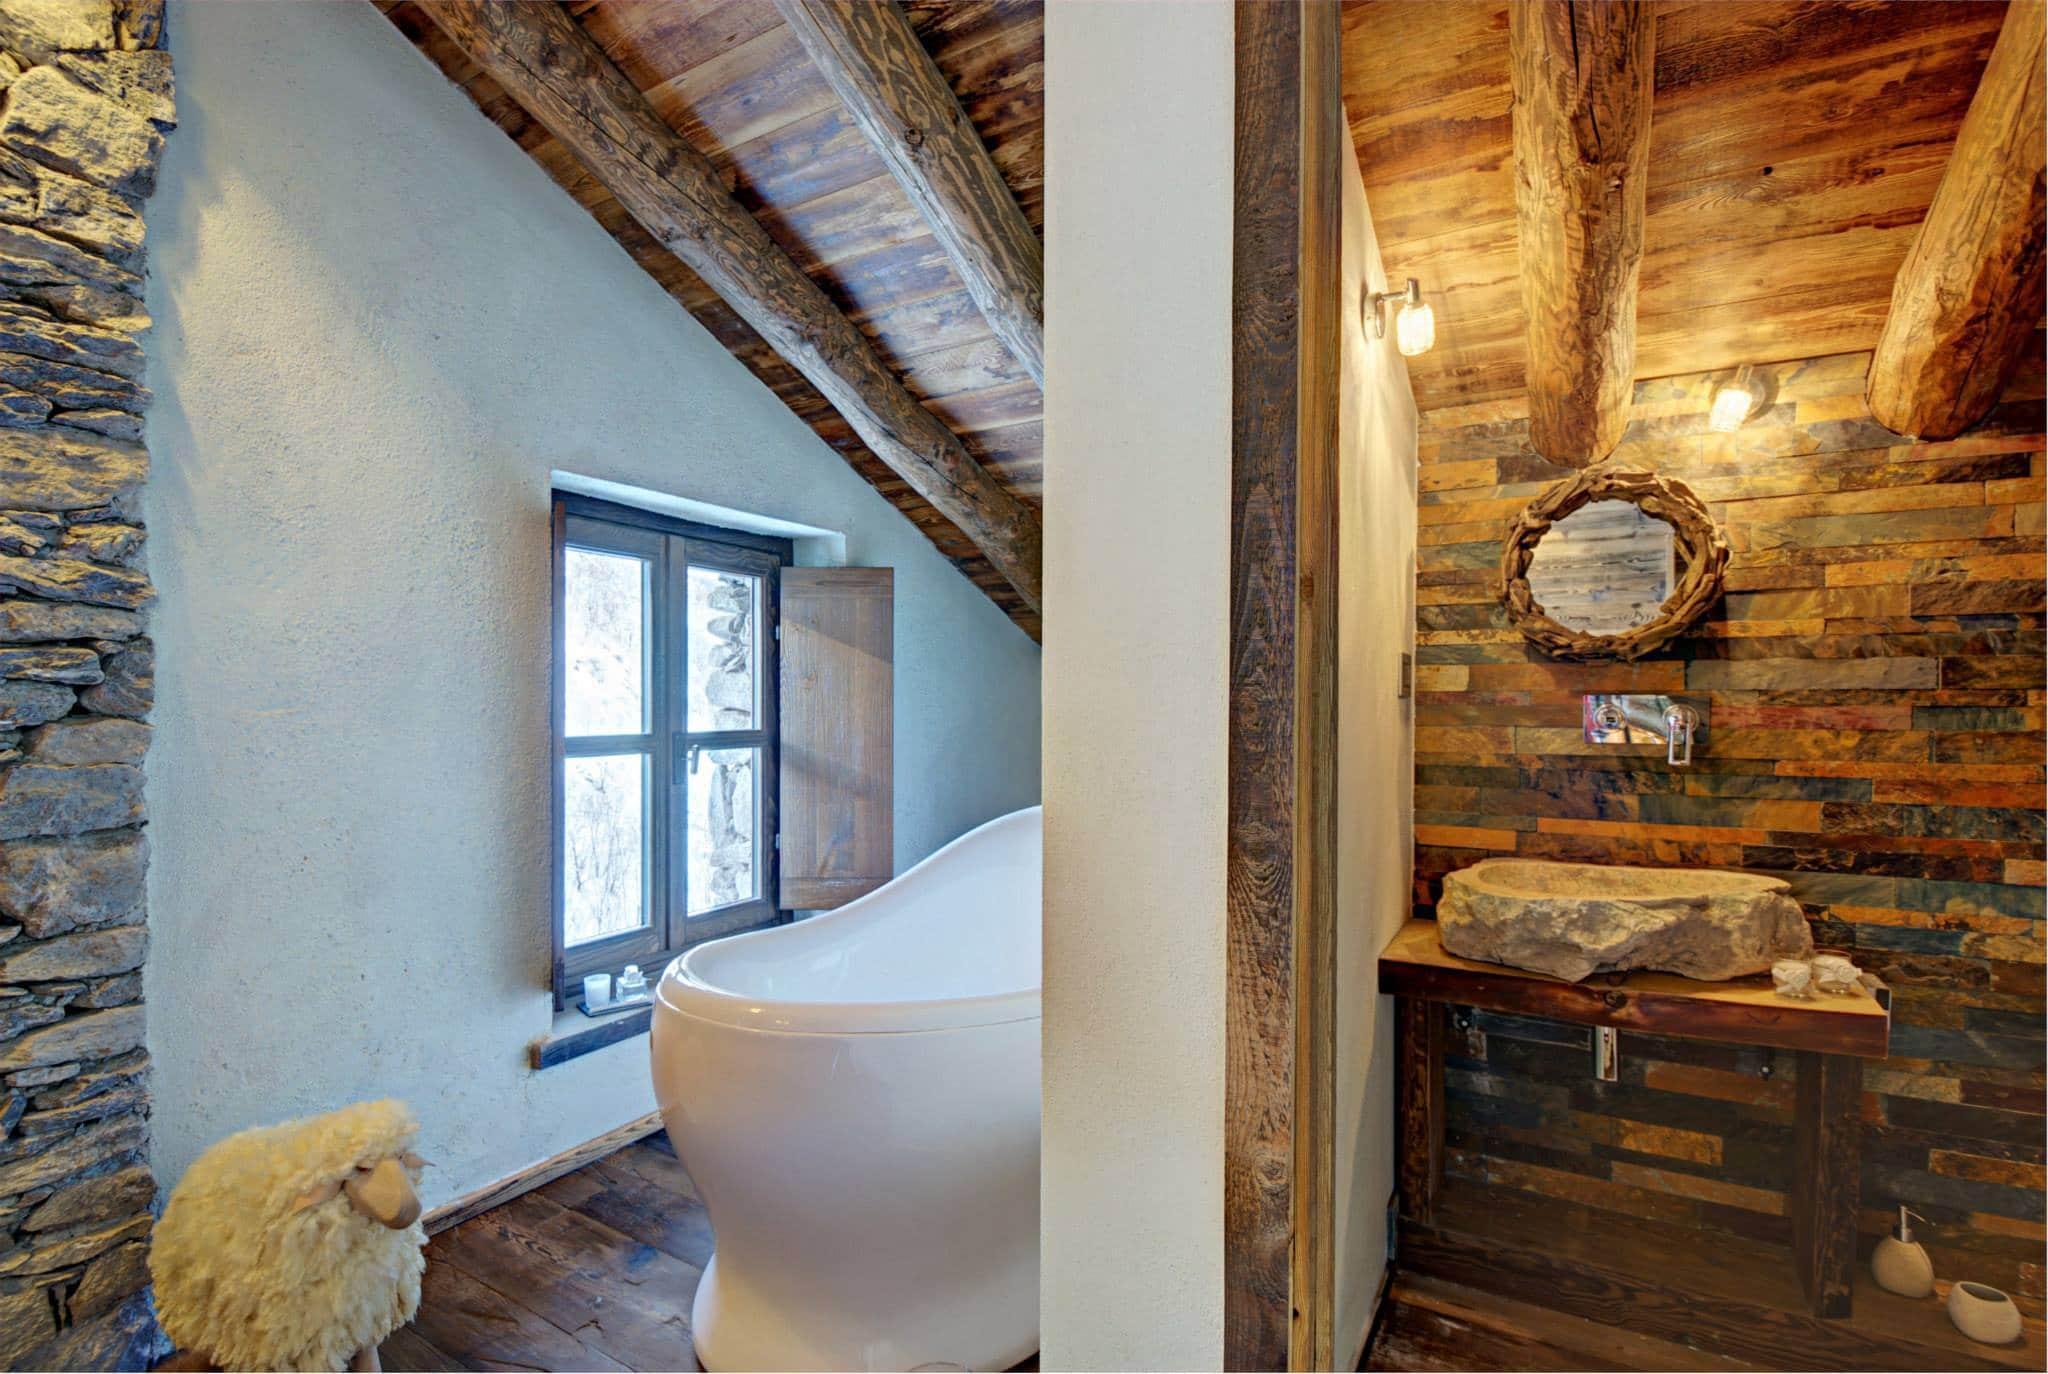 Dise o de interiores r stico uso de madera y piedra for Decoracion con piedras en interiores